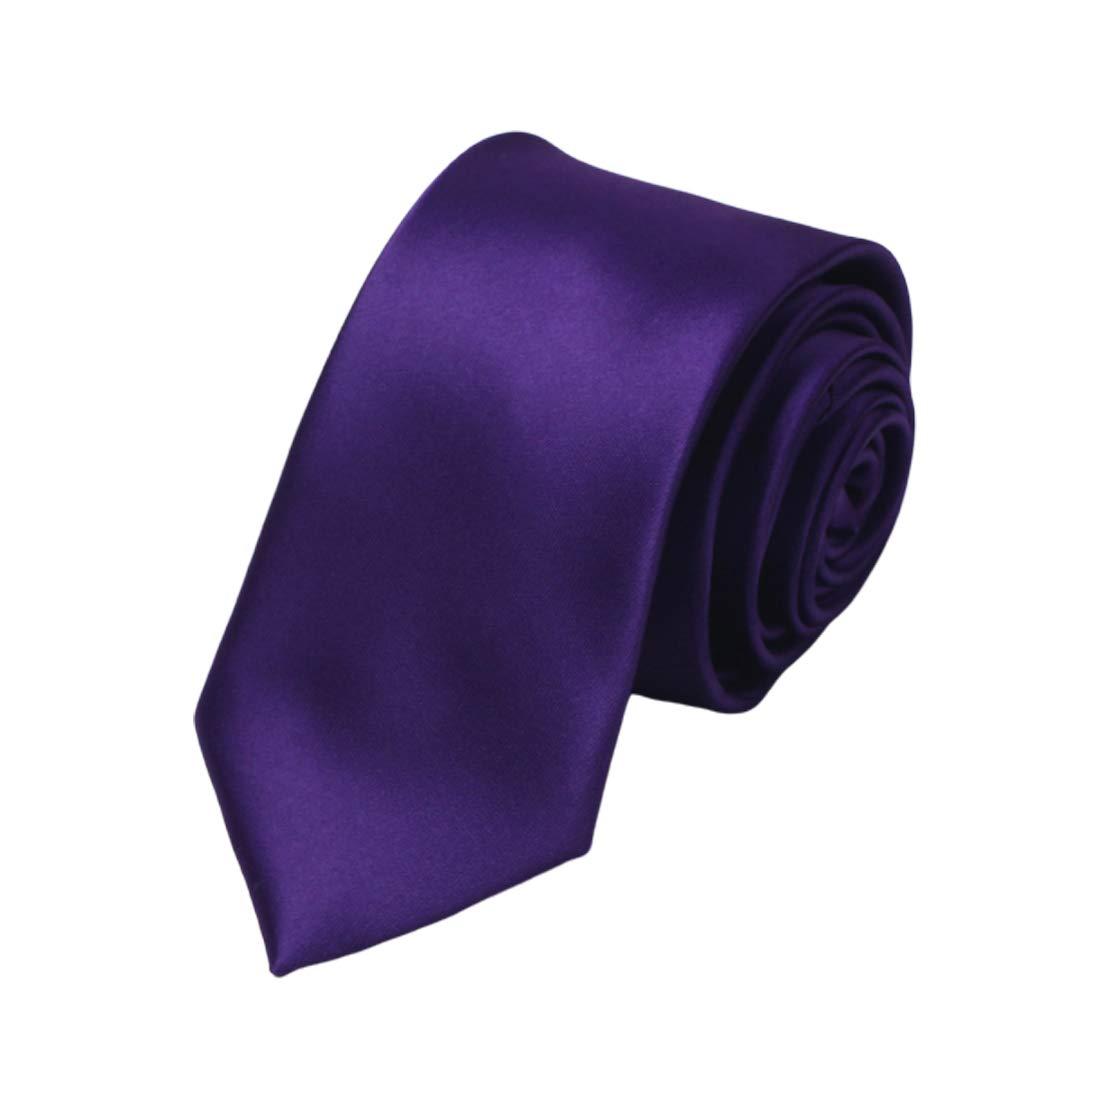 Corbata Casual de 7 cm de Nanofibra para Hombre Corbata de ...